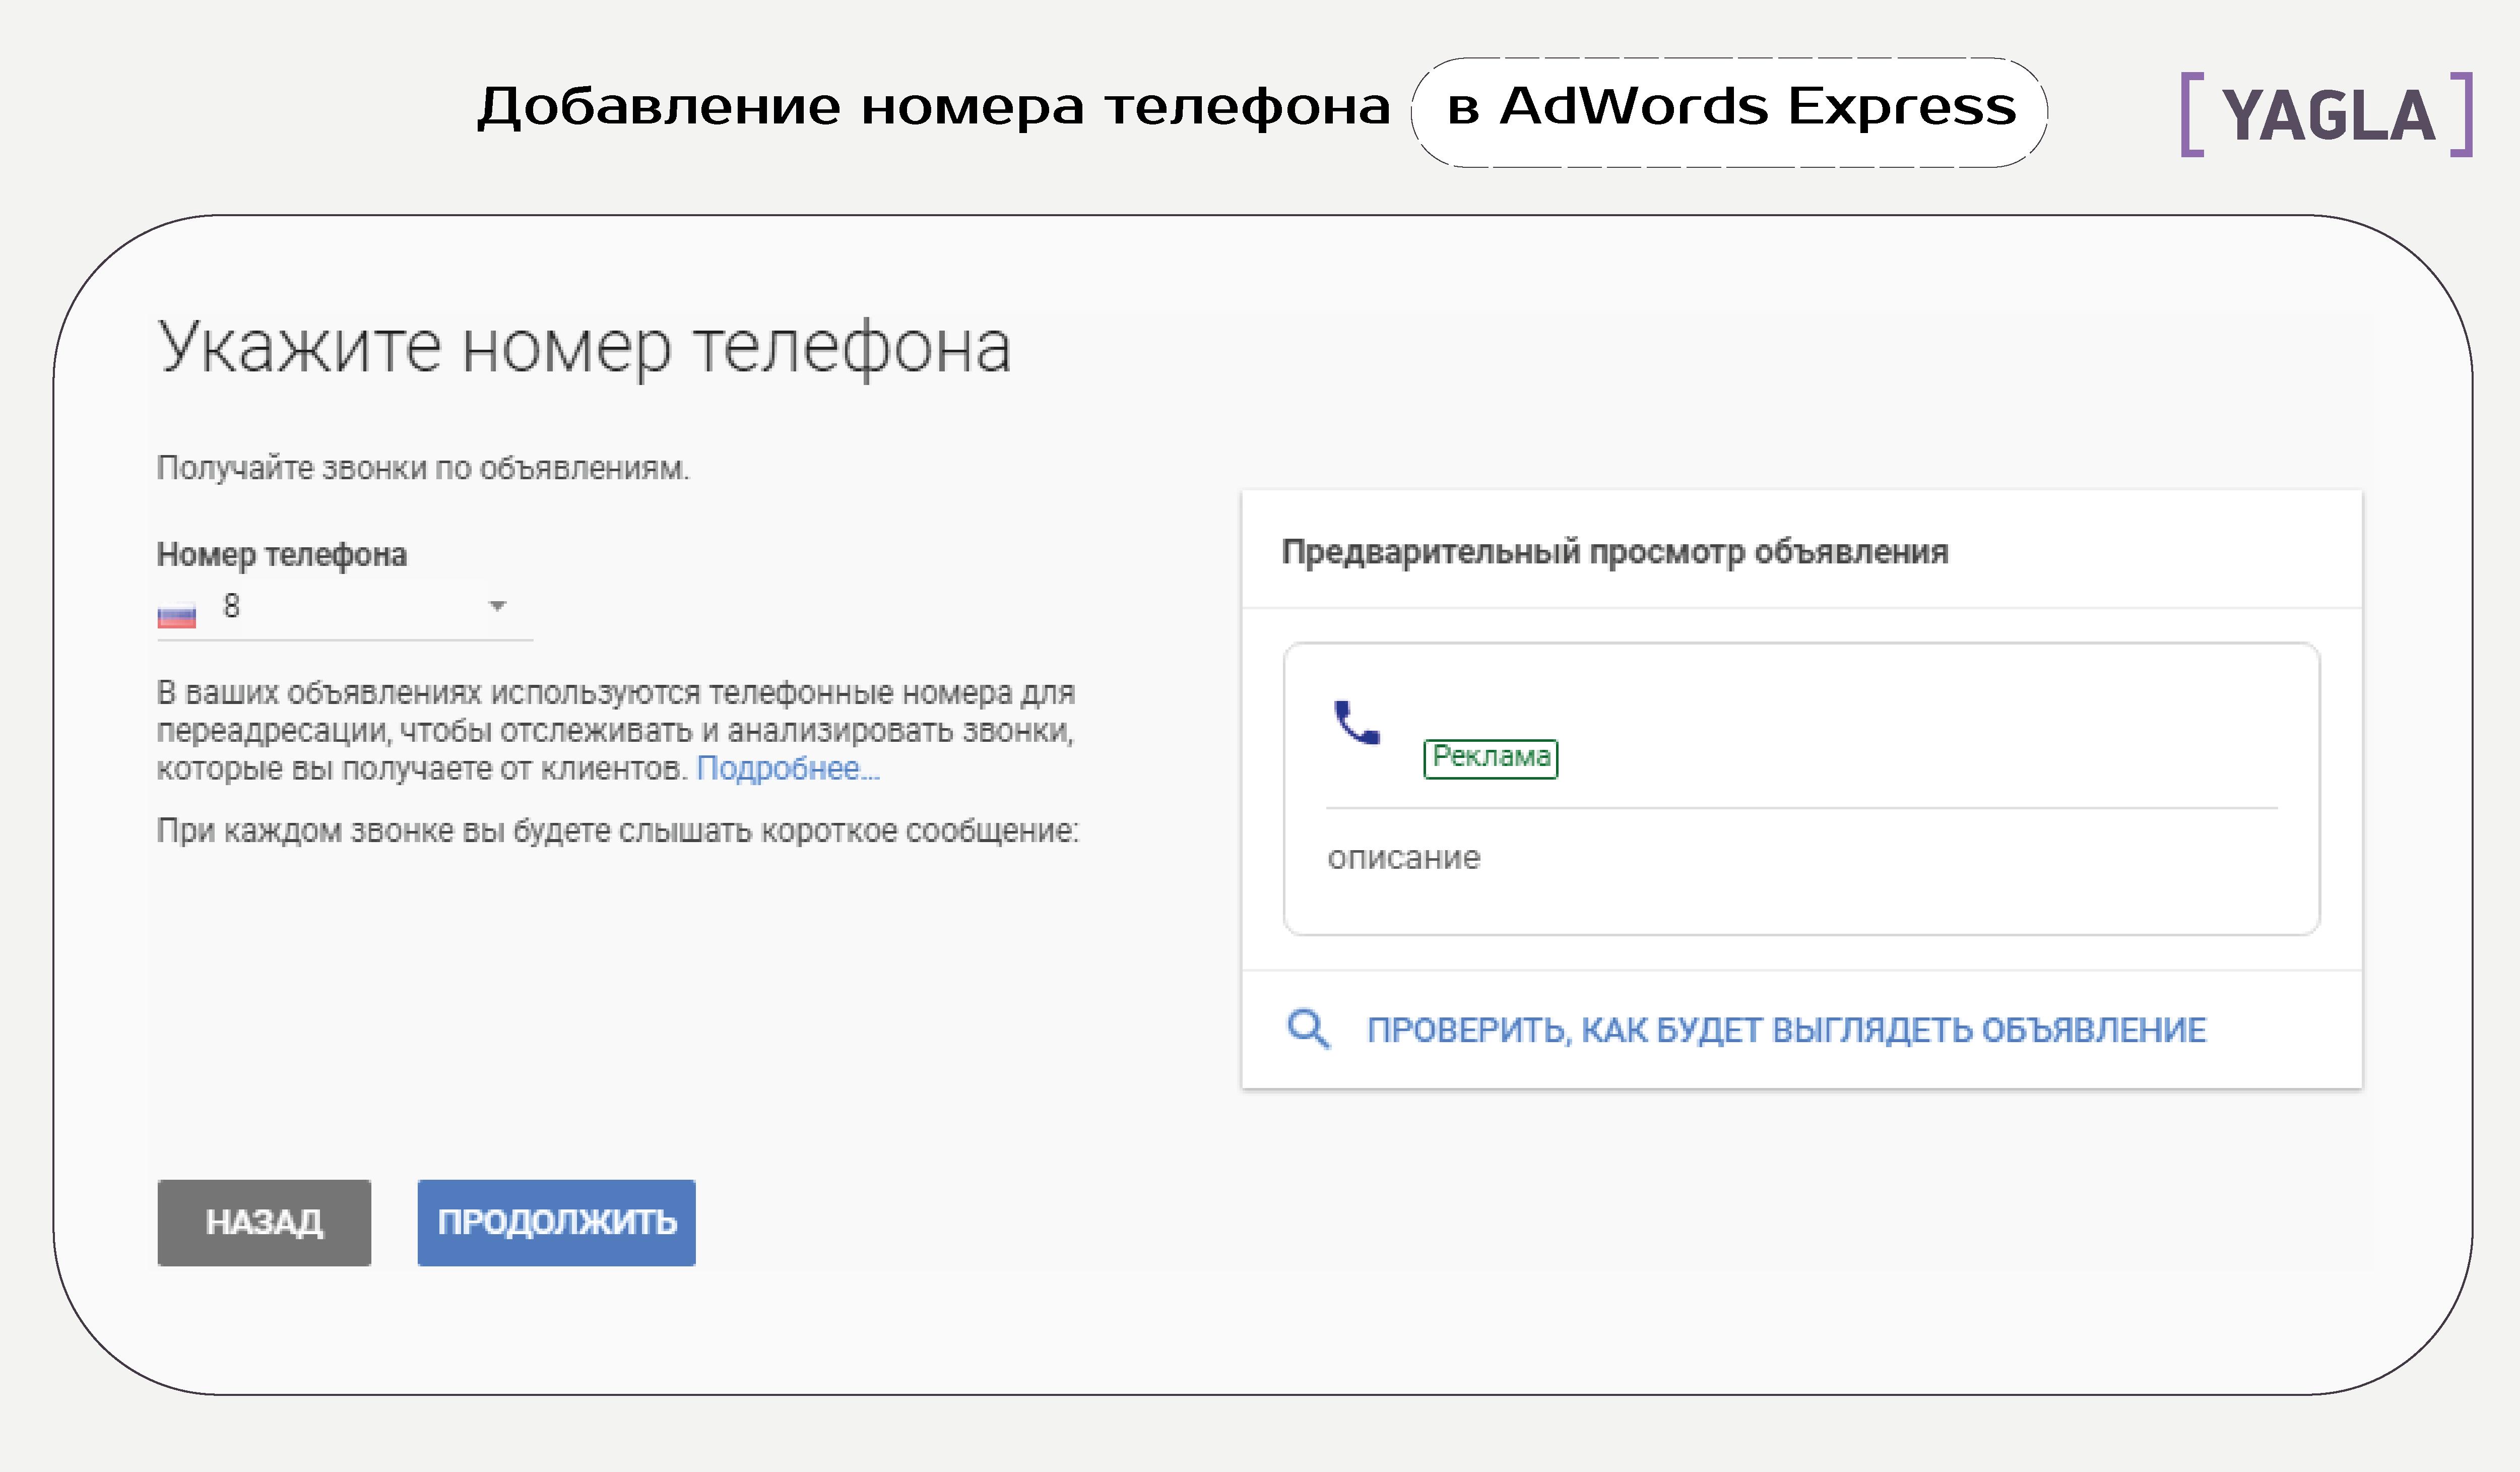 Добавление номера телефона в AdWords Express